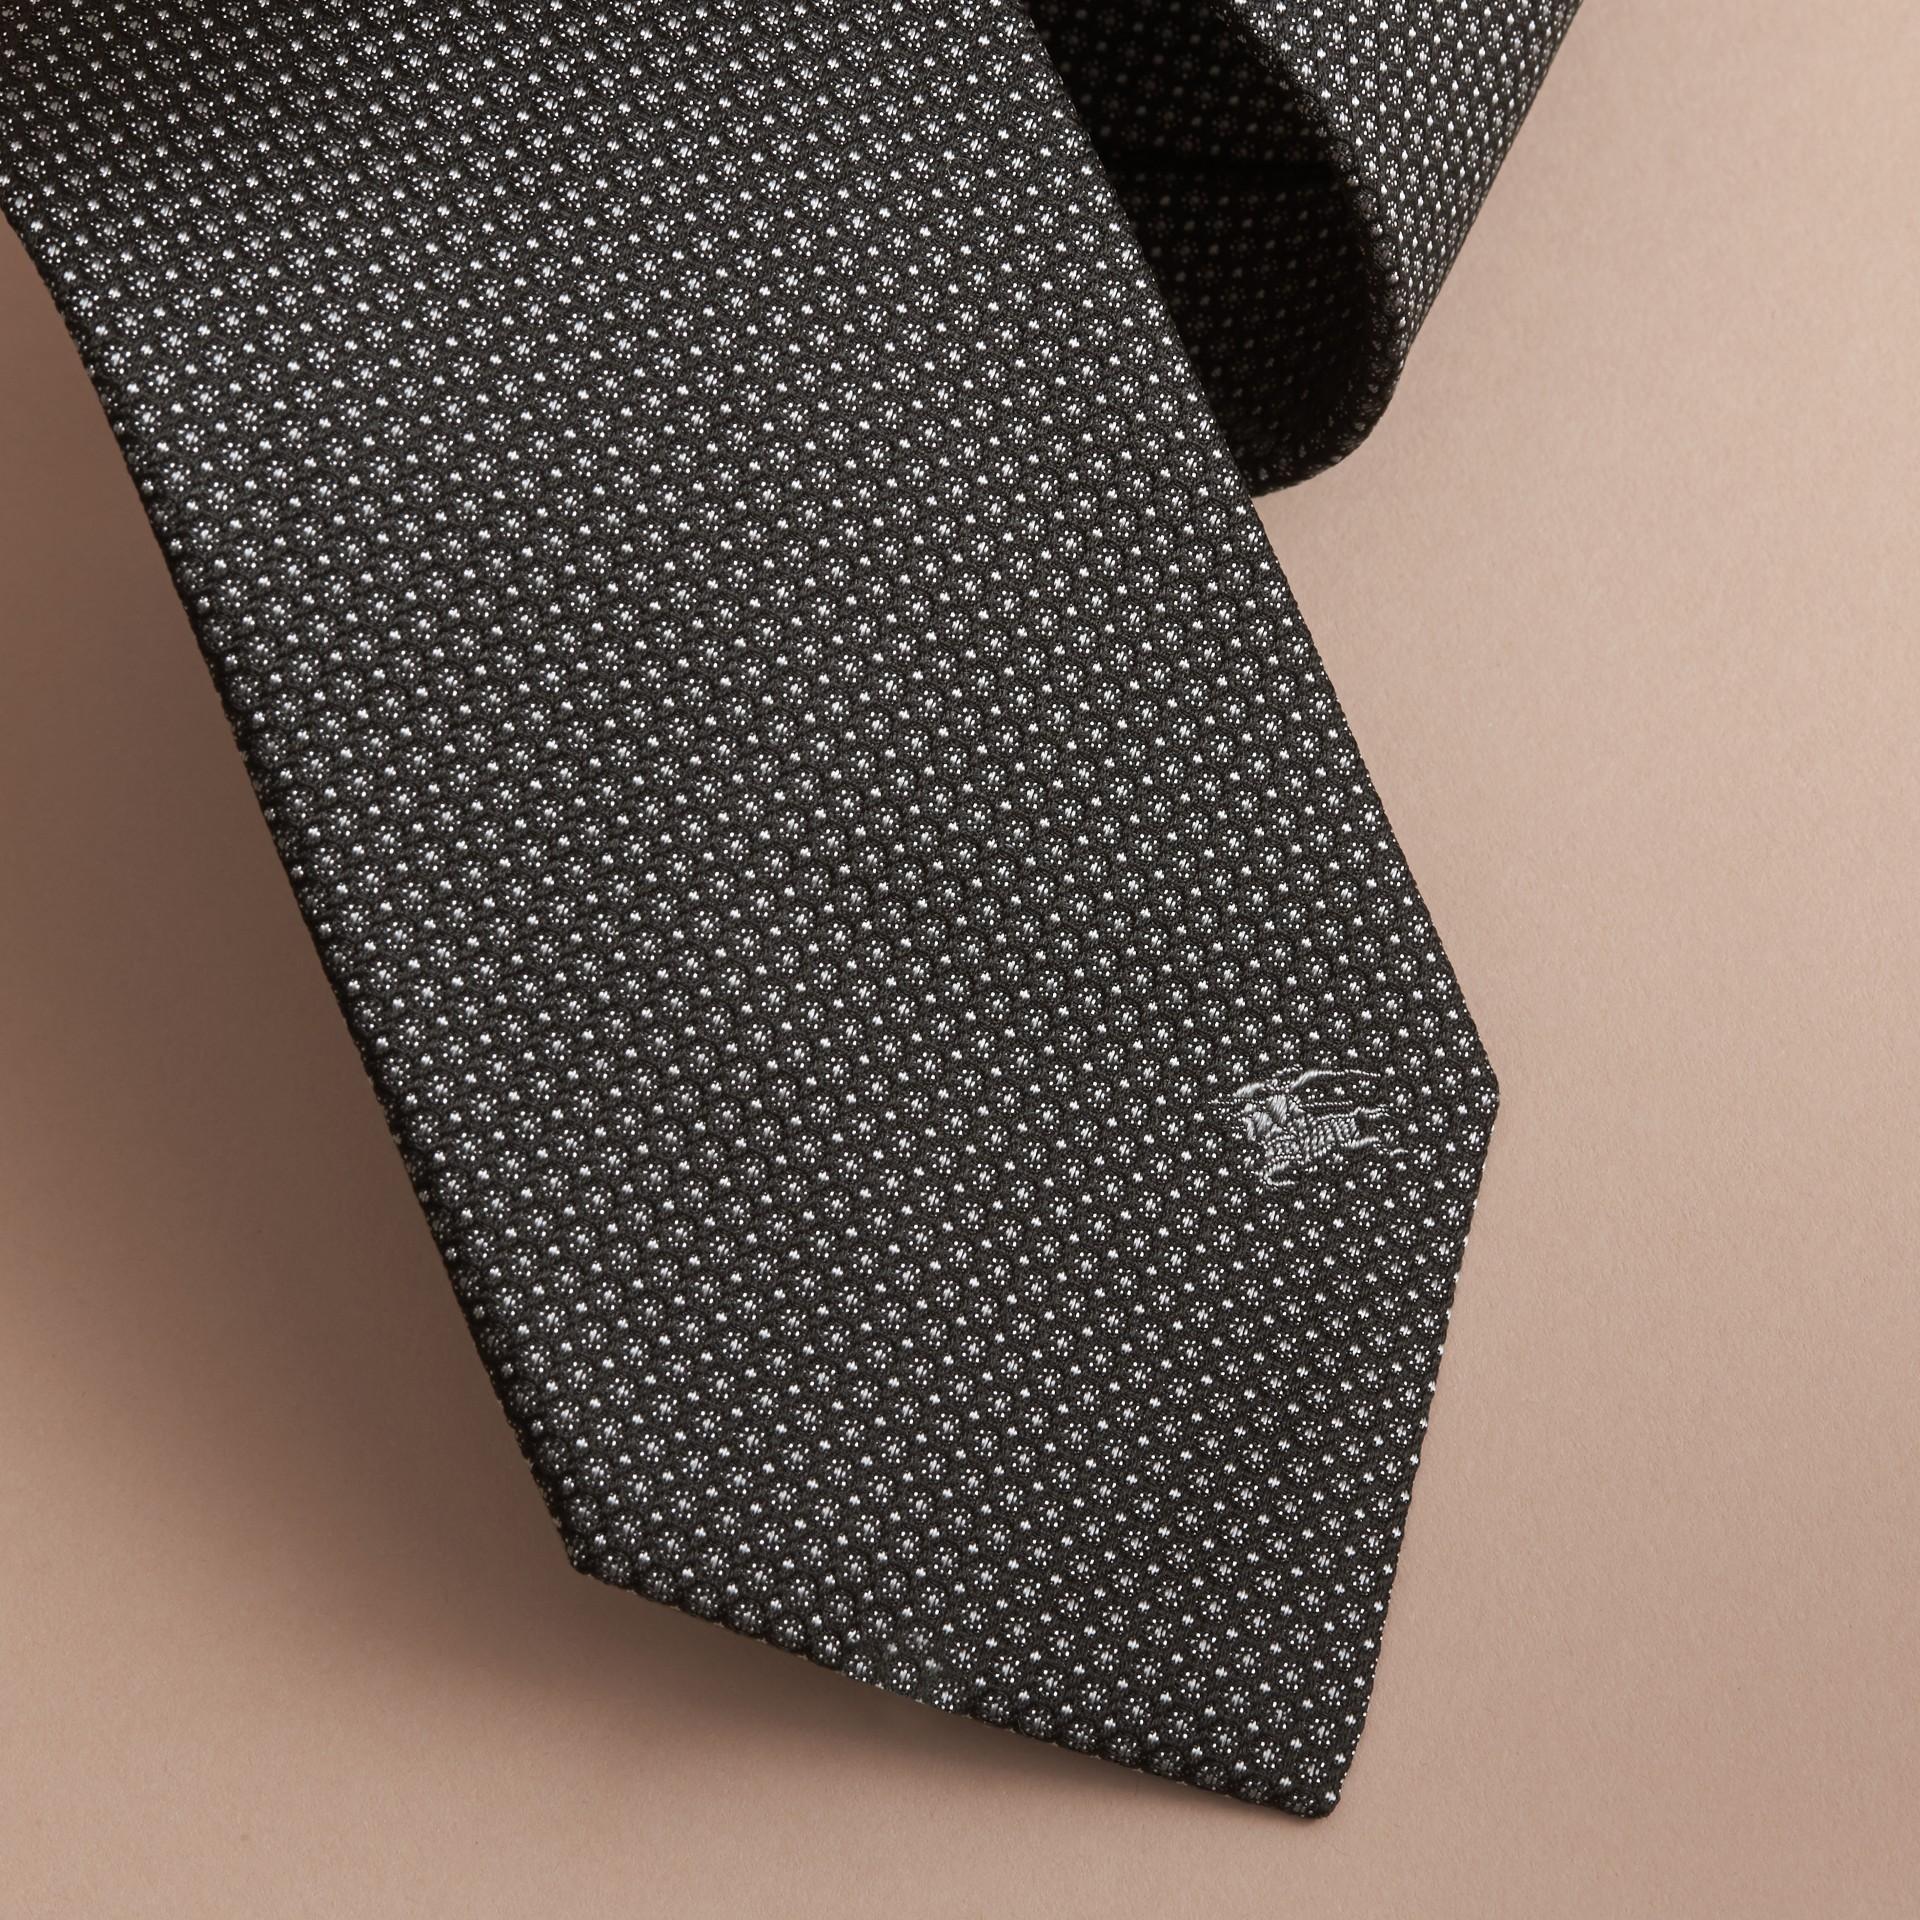 Gravata de seda estampada com corte clássico (Preto) - galeria de imagens 2